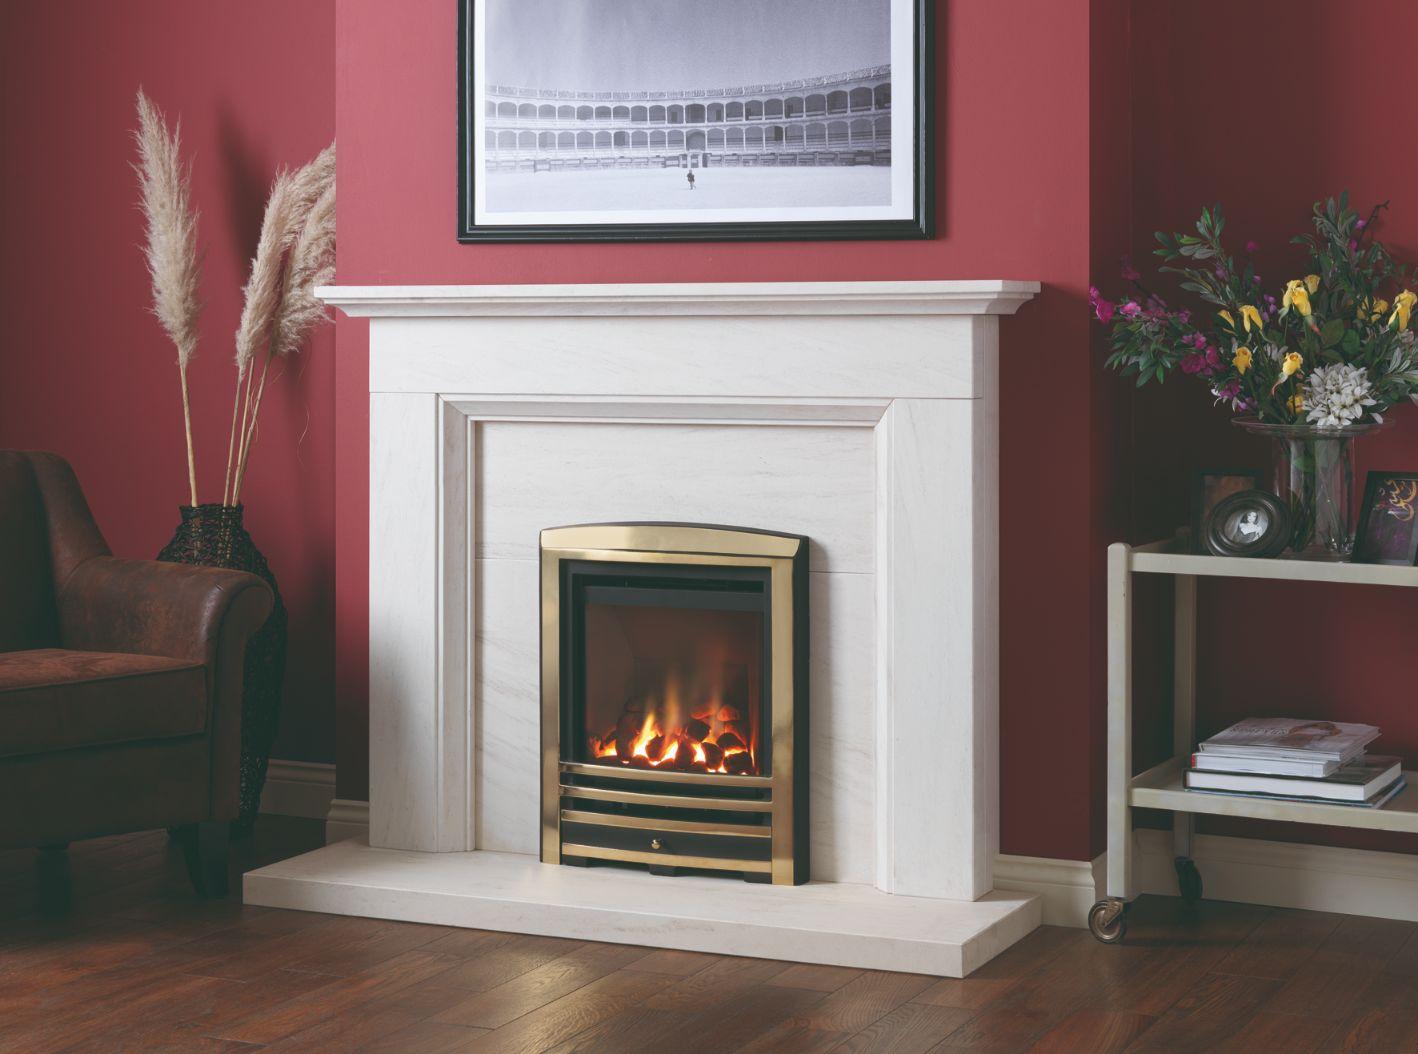 Focus High Efficiency Gas Fire, Coal Fire, Brass Trim